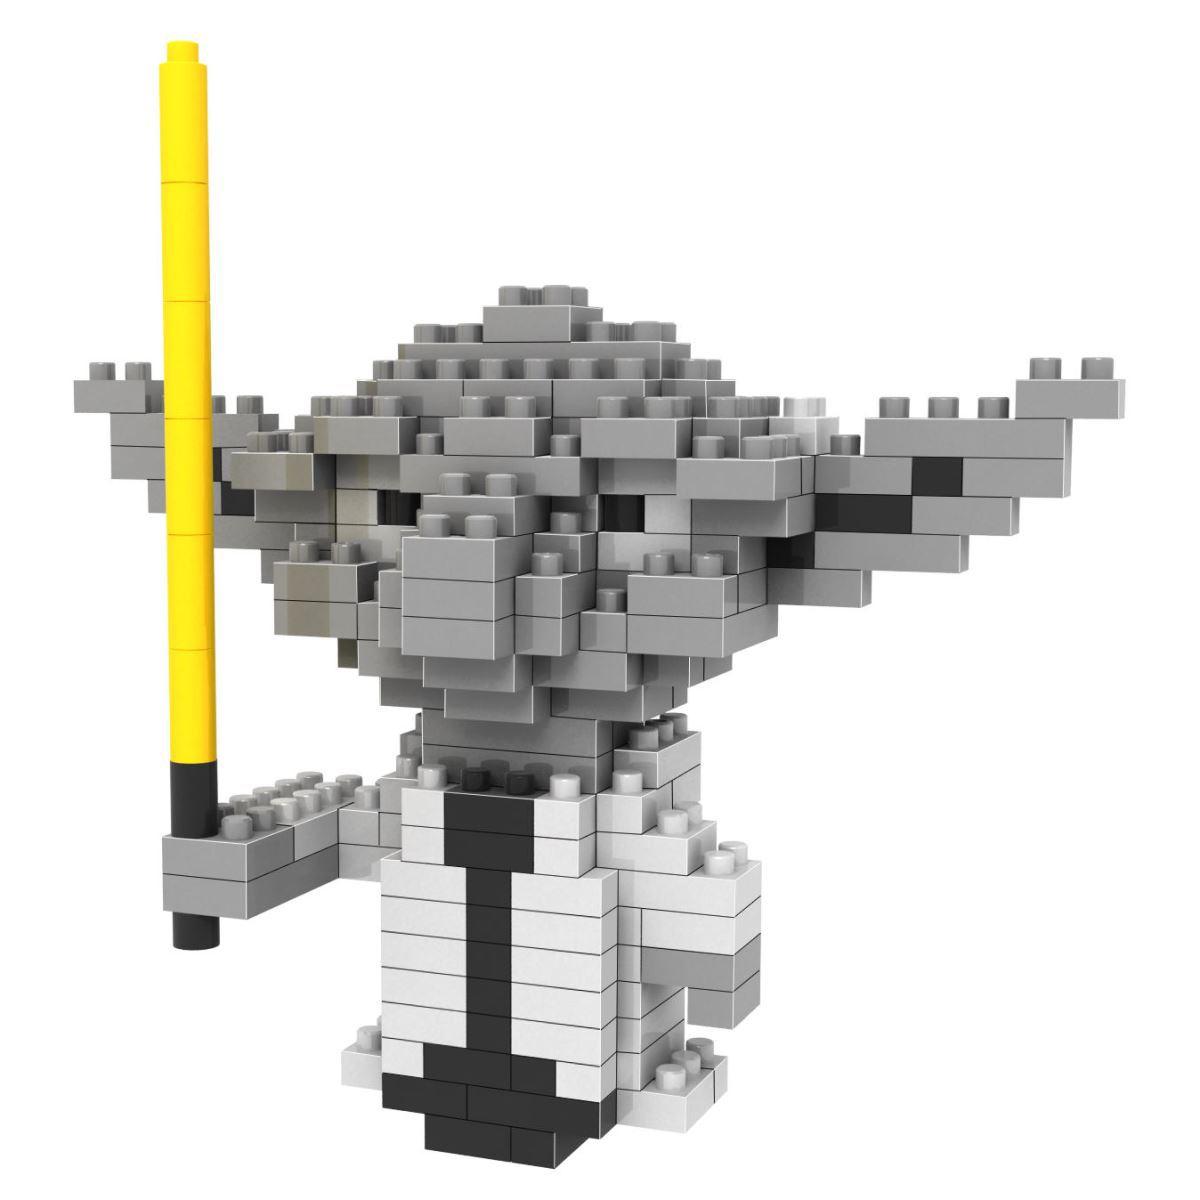 Loz Конструктор Diamond Block Звездный воин Йода9336Конструктор Diamond Block Звездный воин Йода привлечет внимание любителей популярного фильма Звездные войны и прекрасно подойдет в качестве подарка как взрослому, так и ребенку.